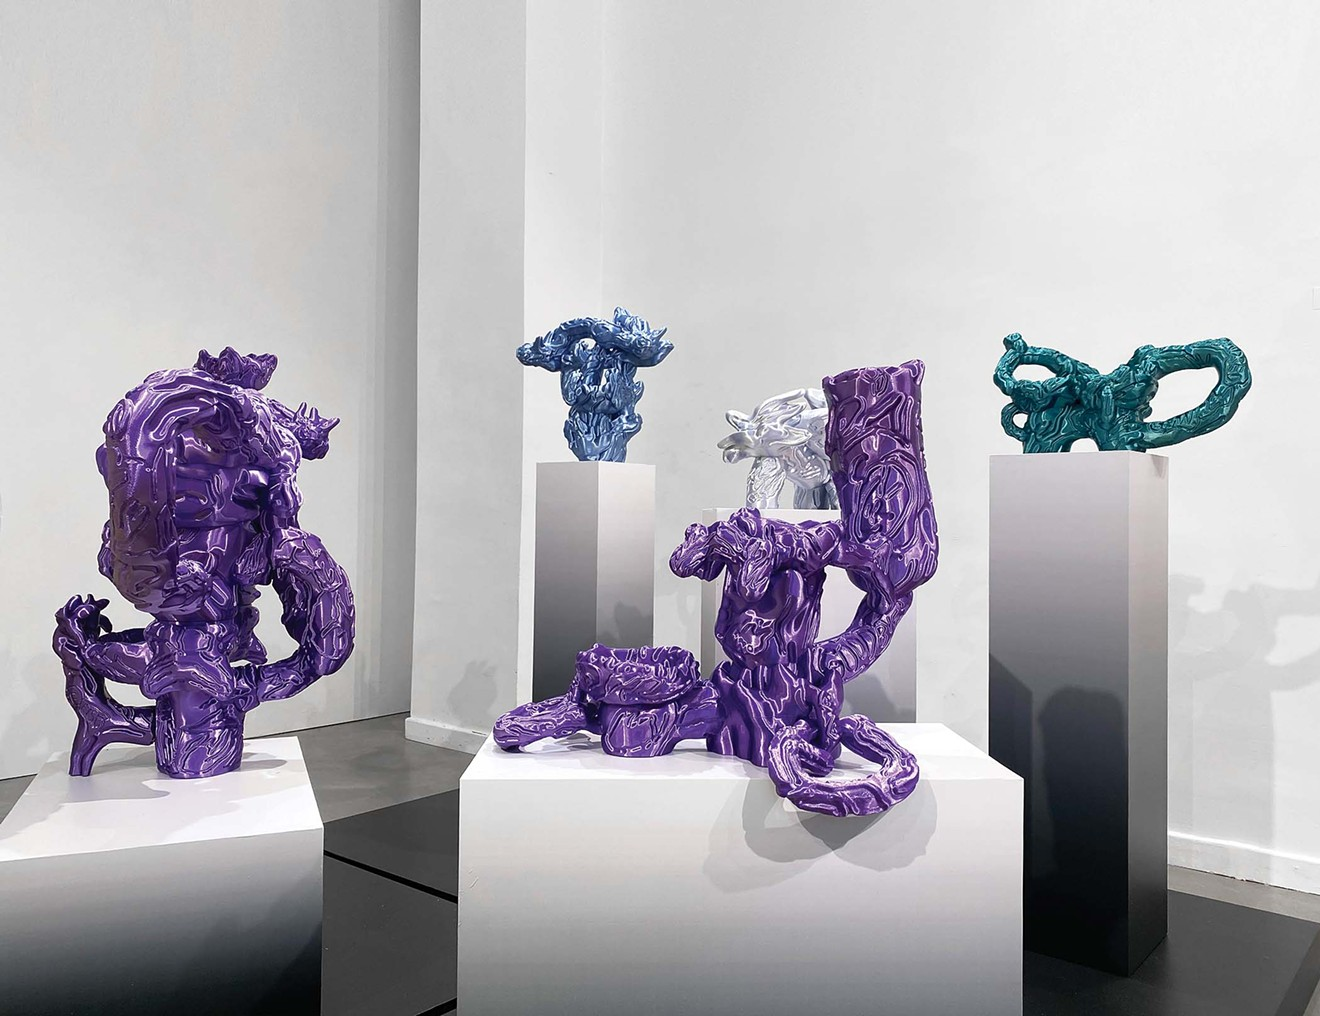 Sculptures by Audrey Large